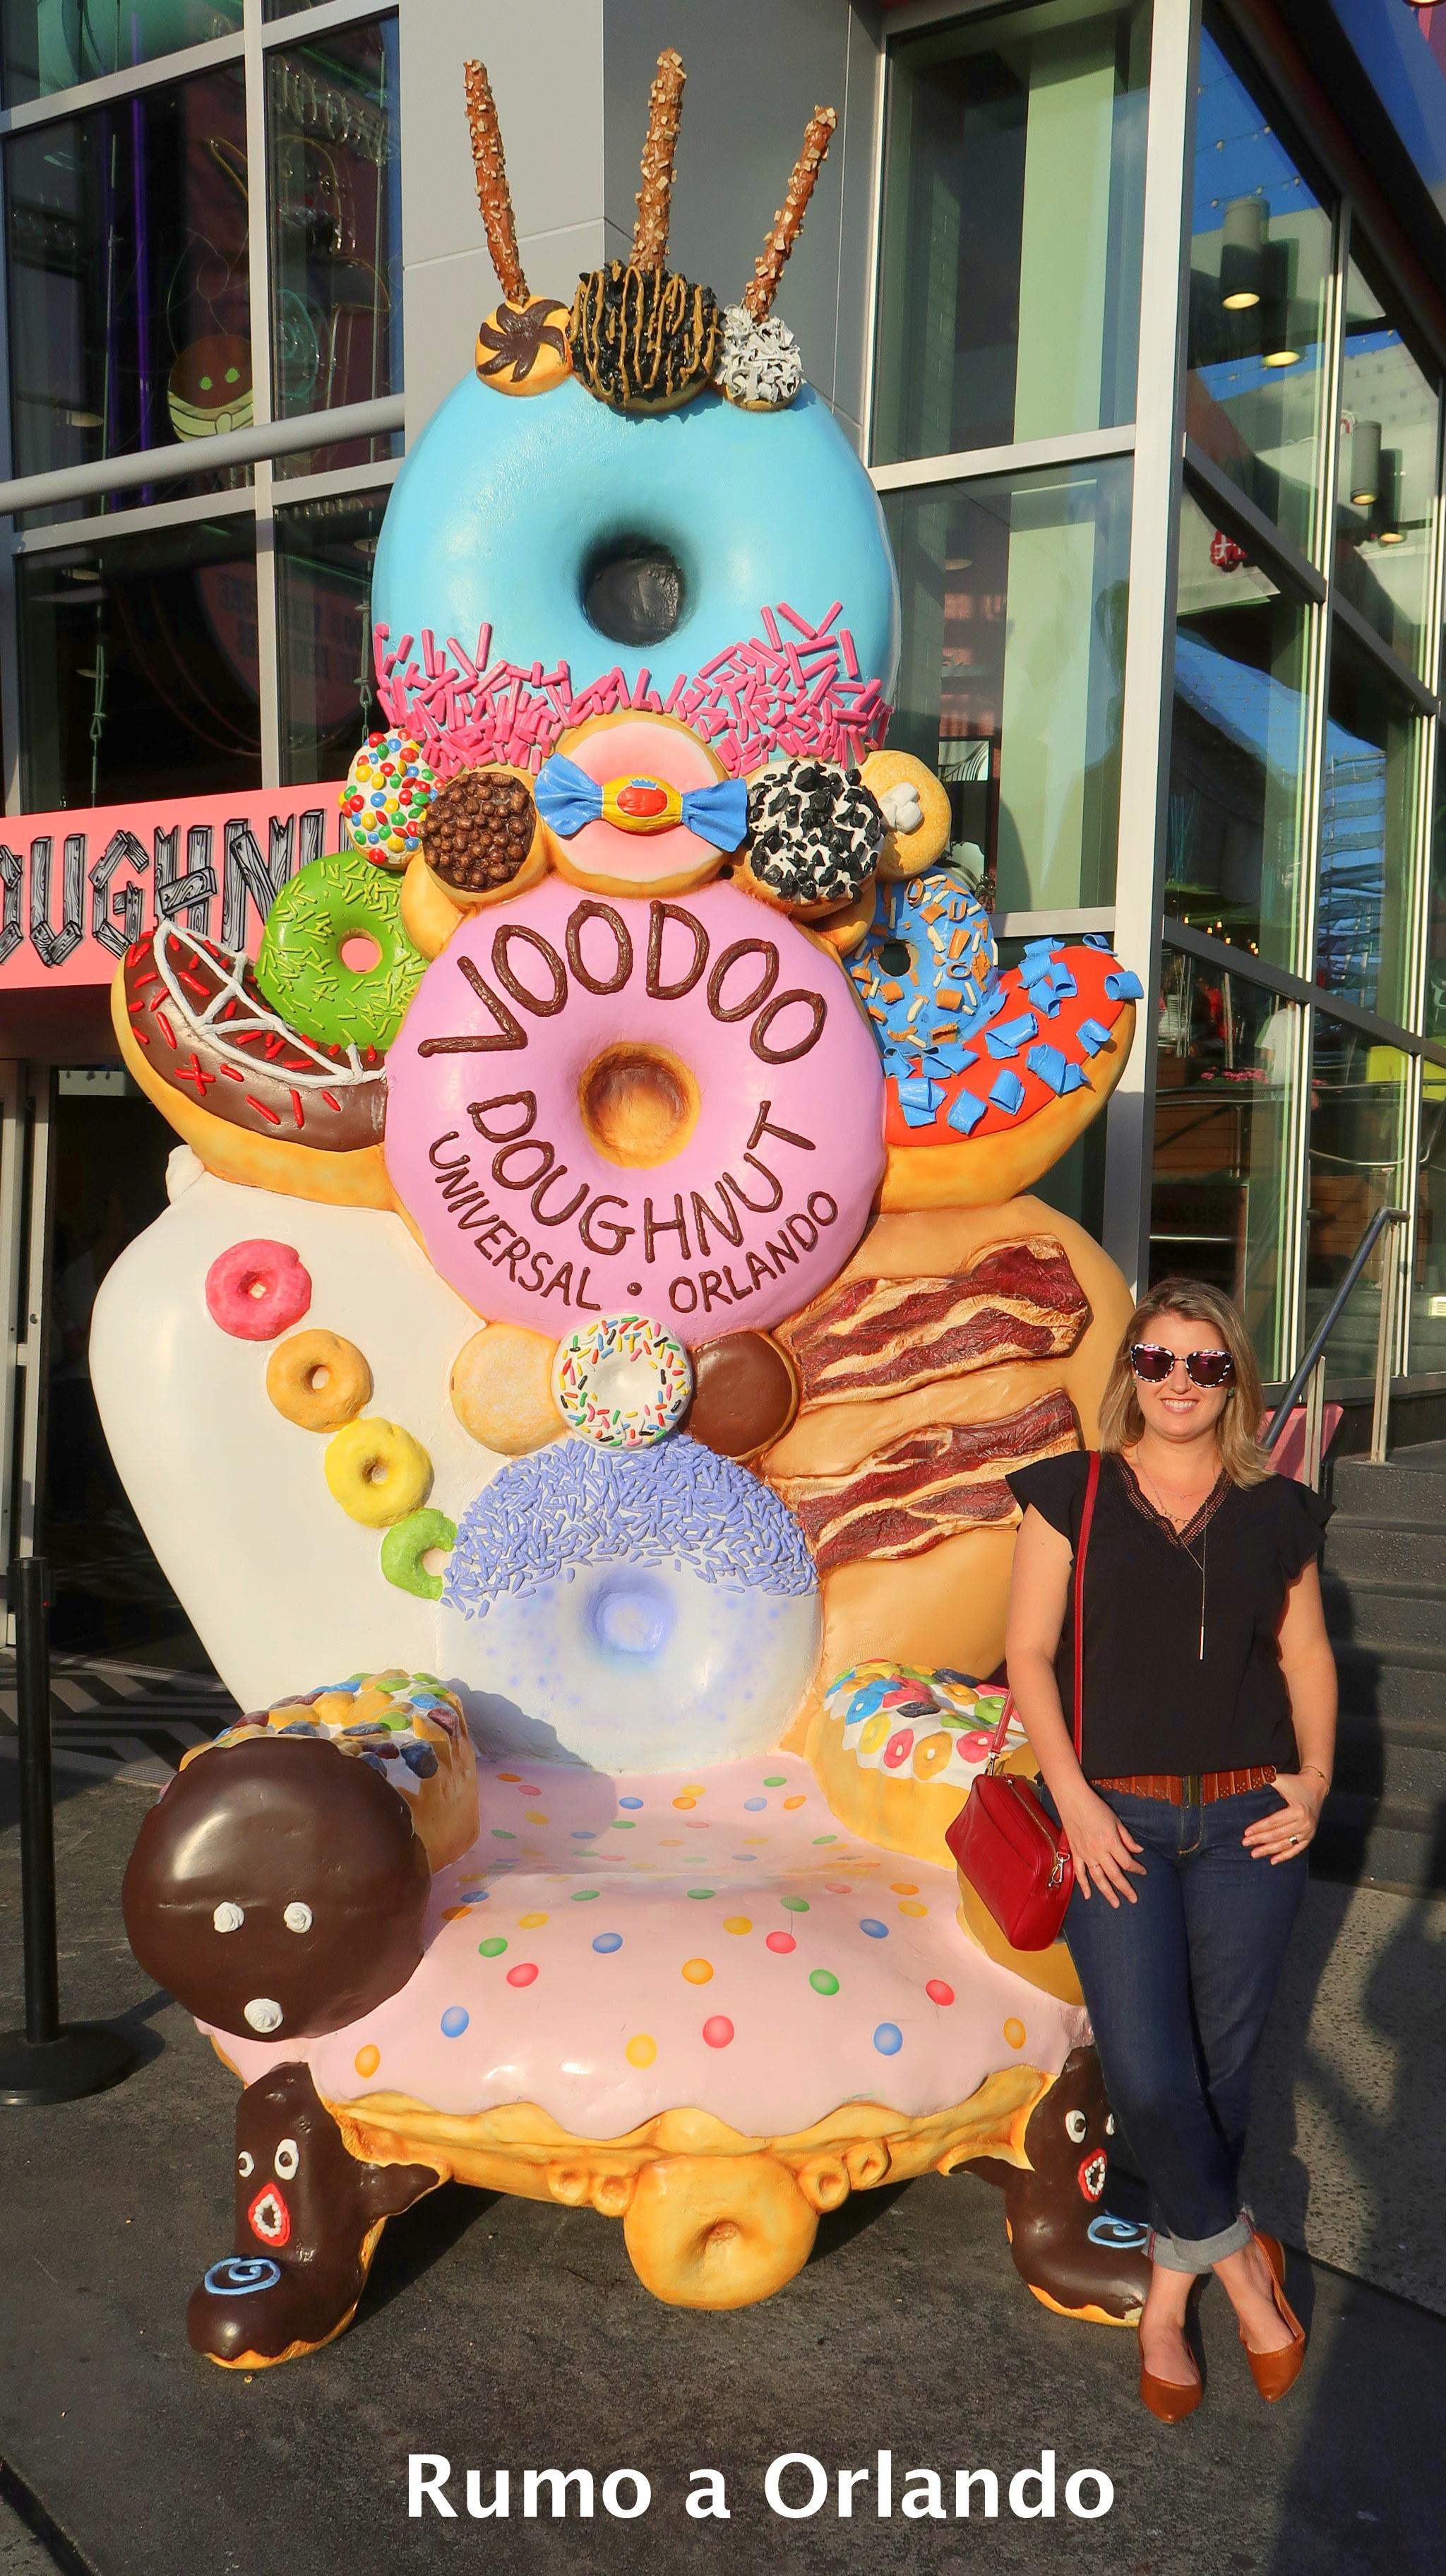 Donuts Voodoo Doughnut